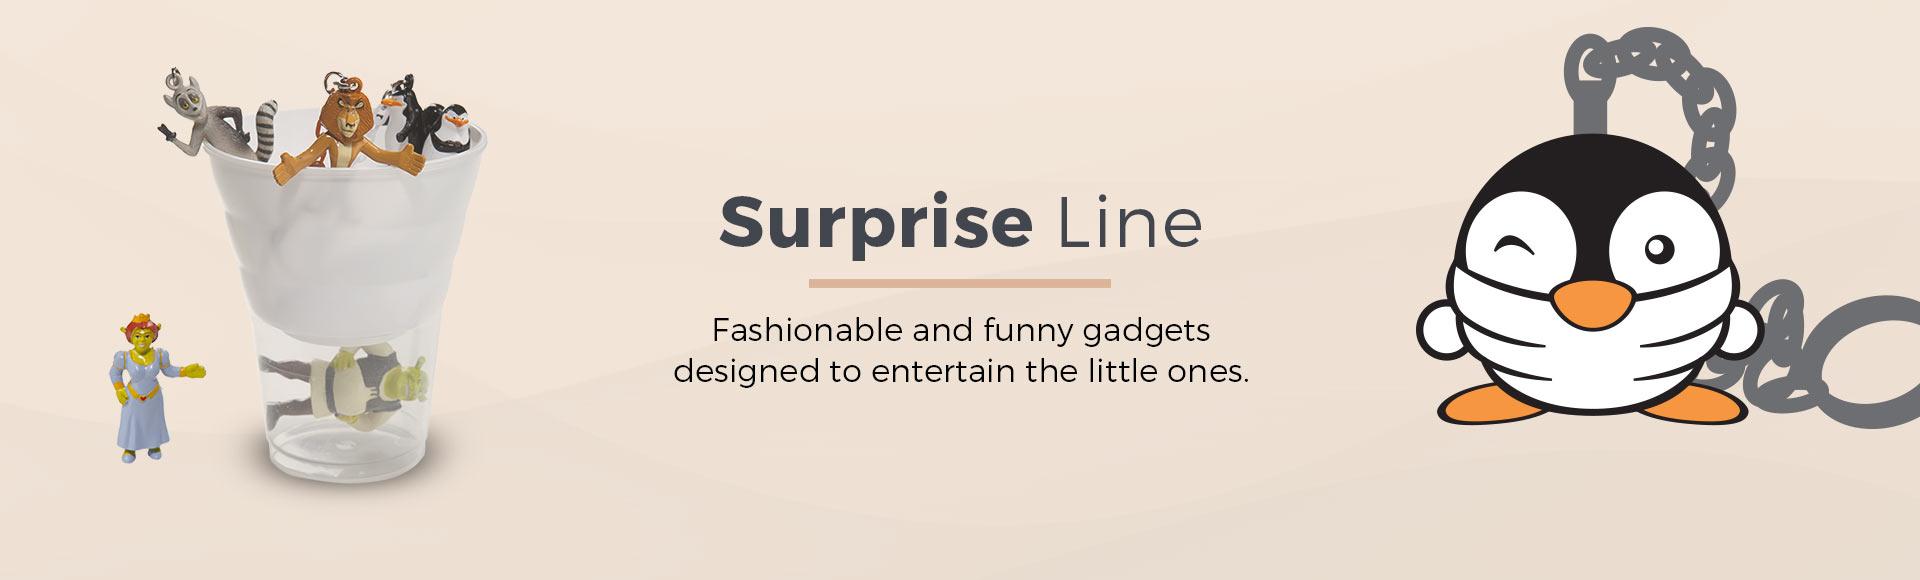 en-header-linea-sorpresa